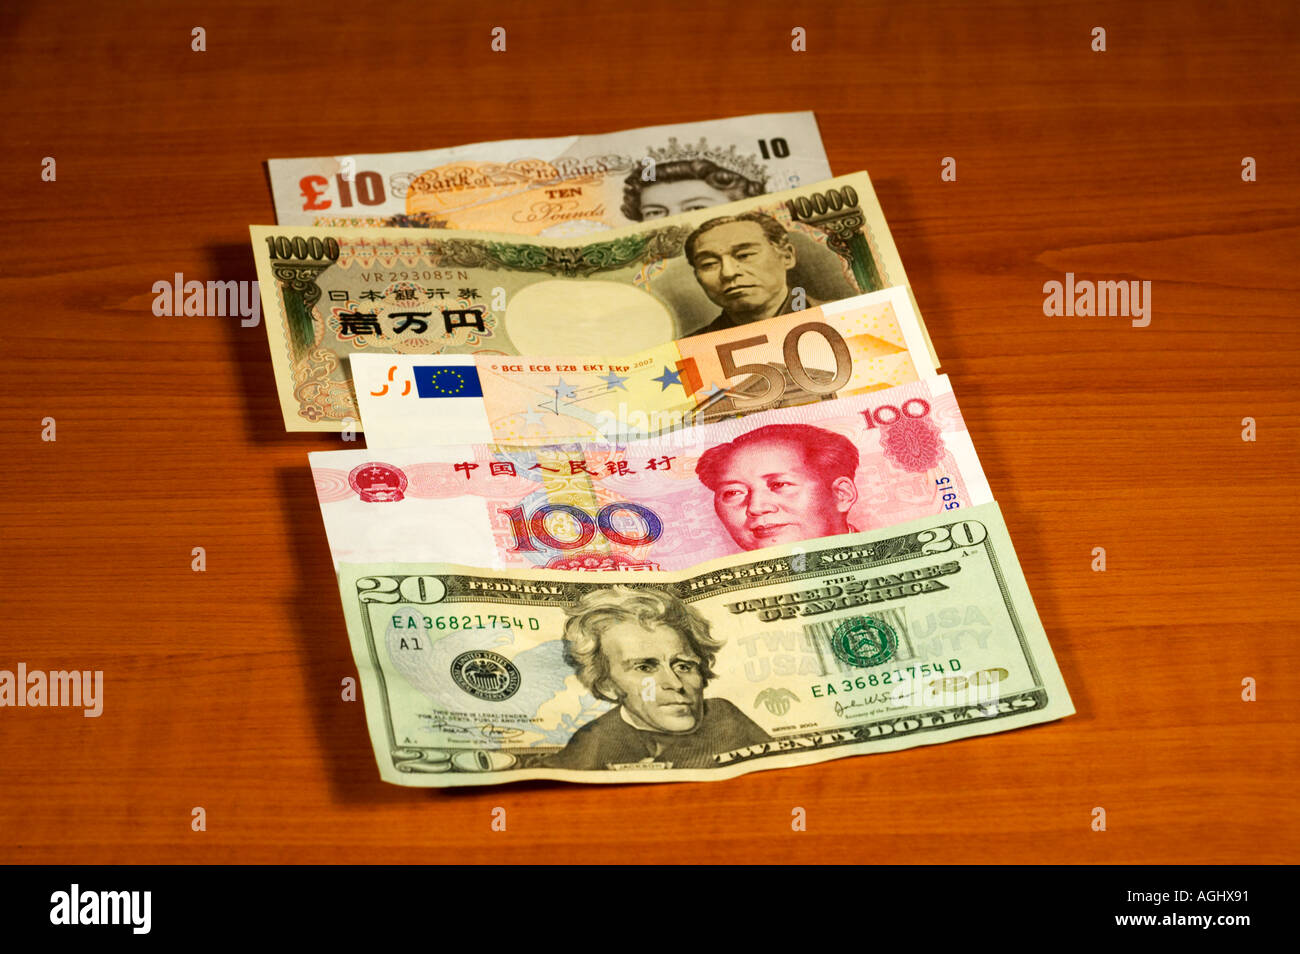 Sie haben derzeit die Ausgangswährung Euro und die Zielwährung Britische Pfund mit einem Betrag von 1 Euro ausgewählt. In der Auswahl können Sie in den beiden Listen aus rund internationalen Währungen die gewünschten Wechselkurse wählen.